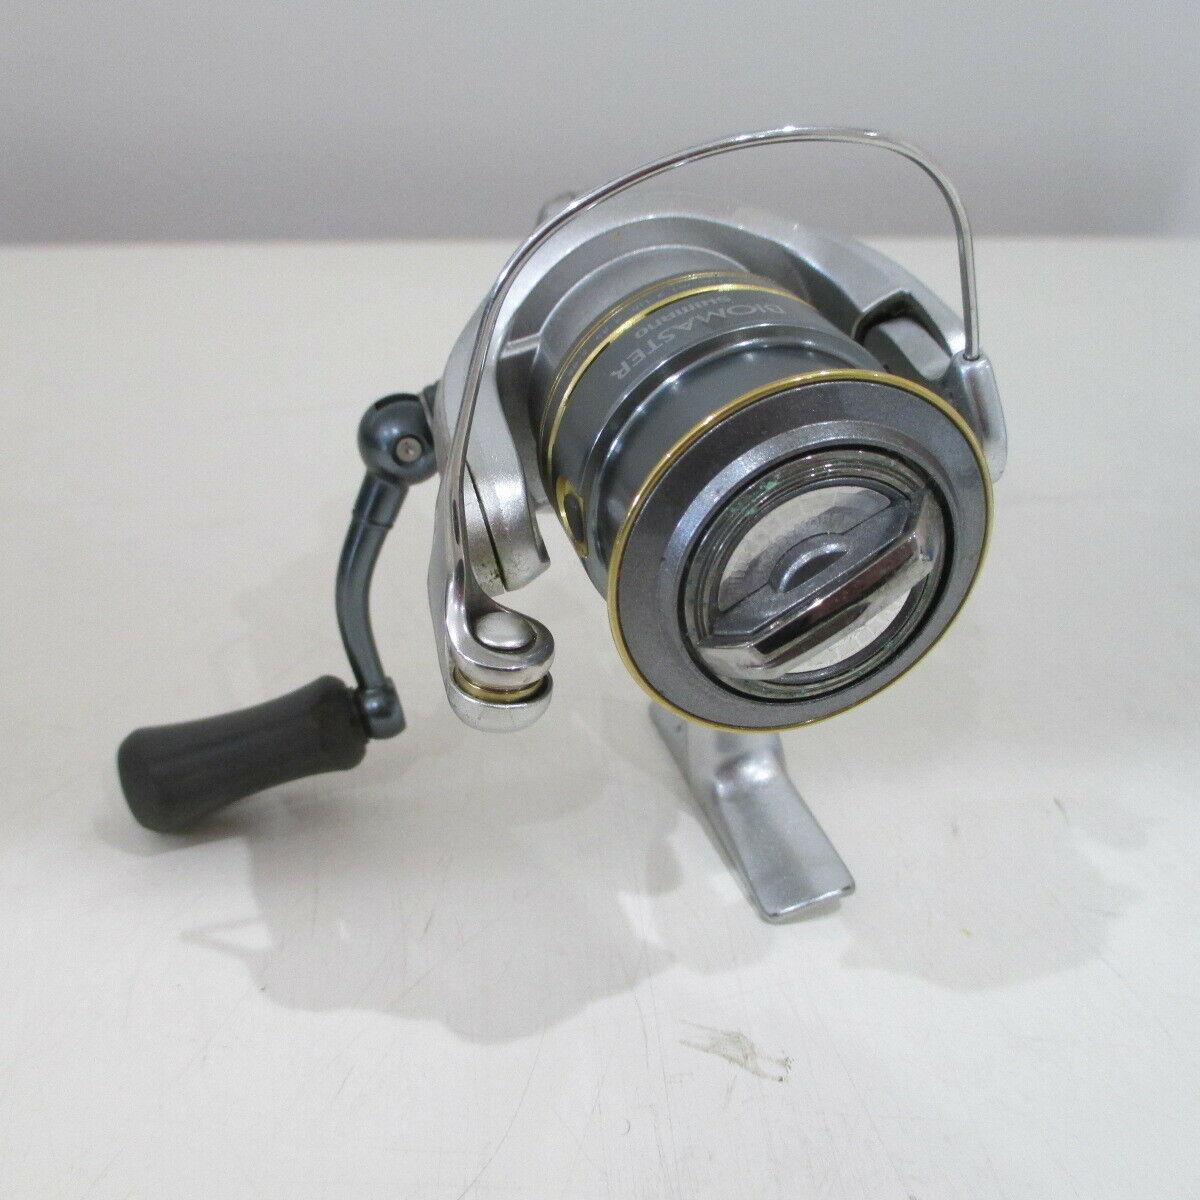 Shiuomoo Biomaster C2000S Spinning reel from Tokyo Japan